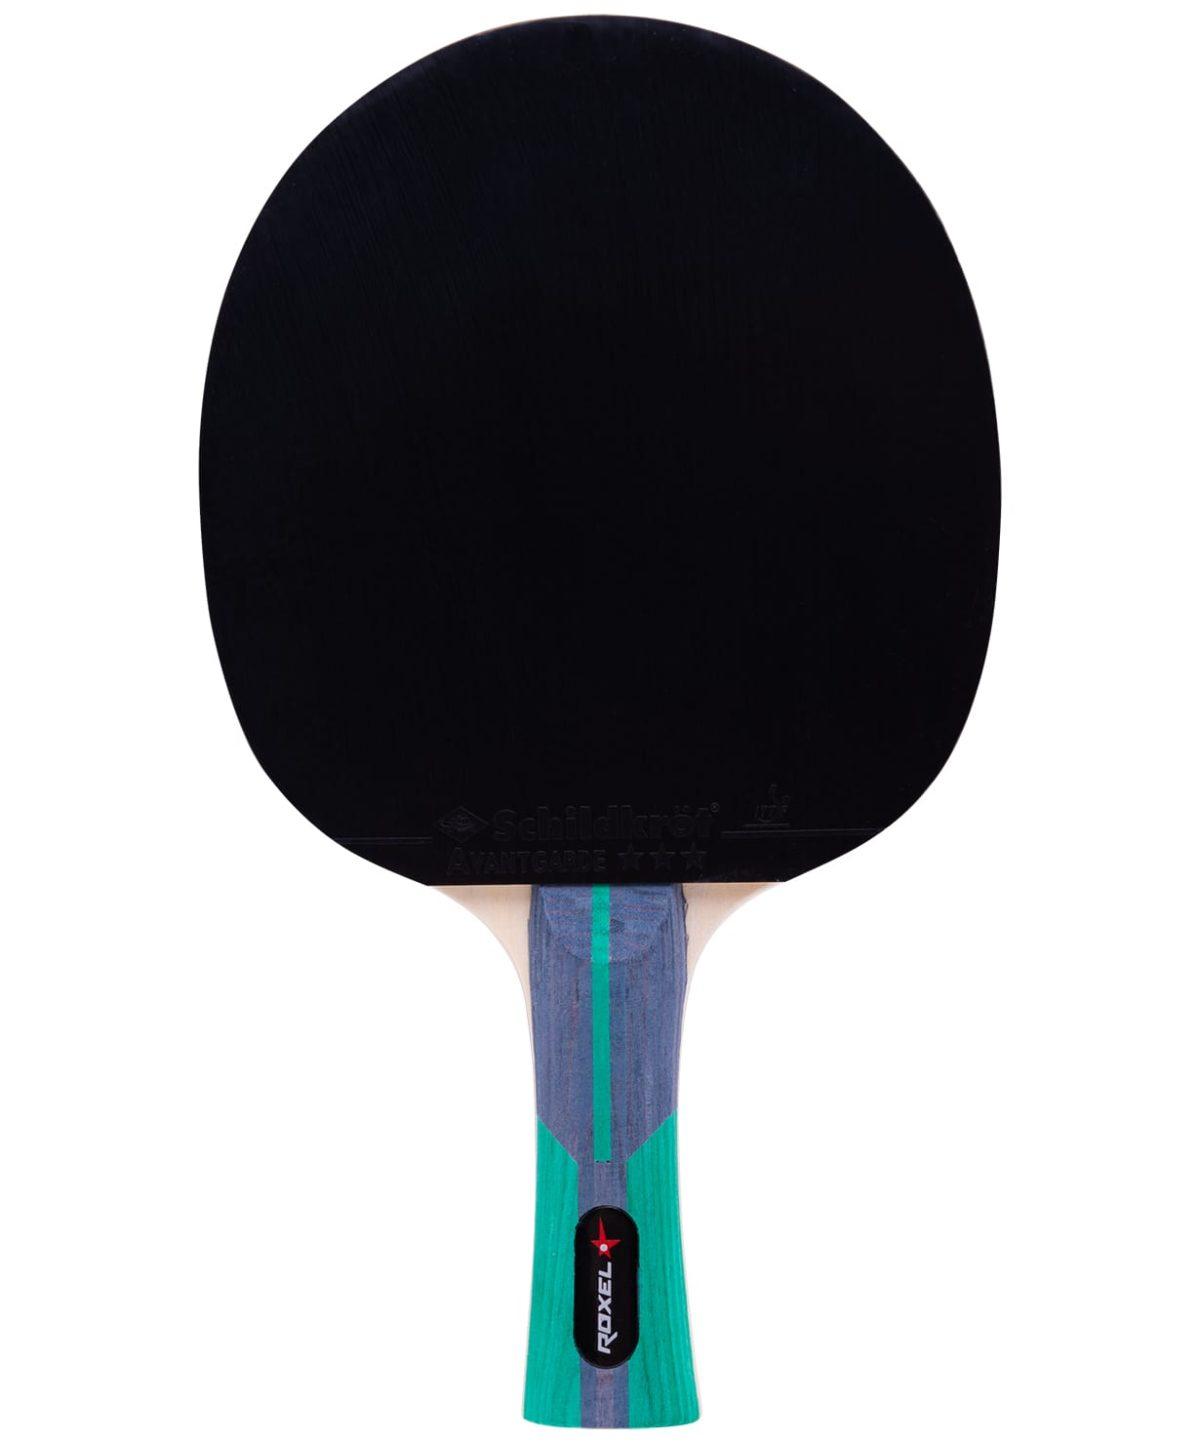 ROXEL 3* Astra Ракетка для настольного тенниса, коническая  15357 - 2